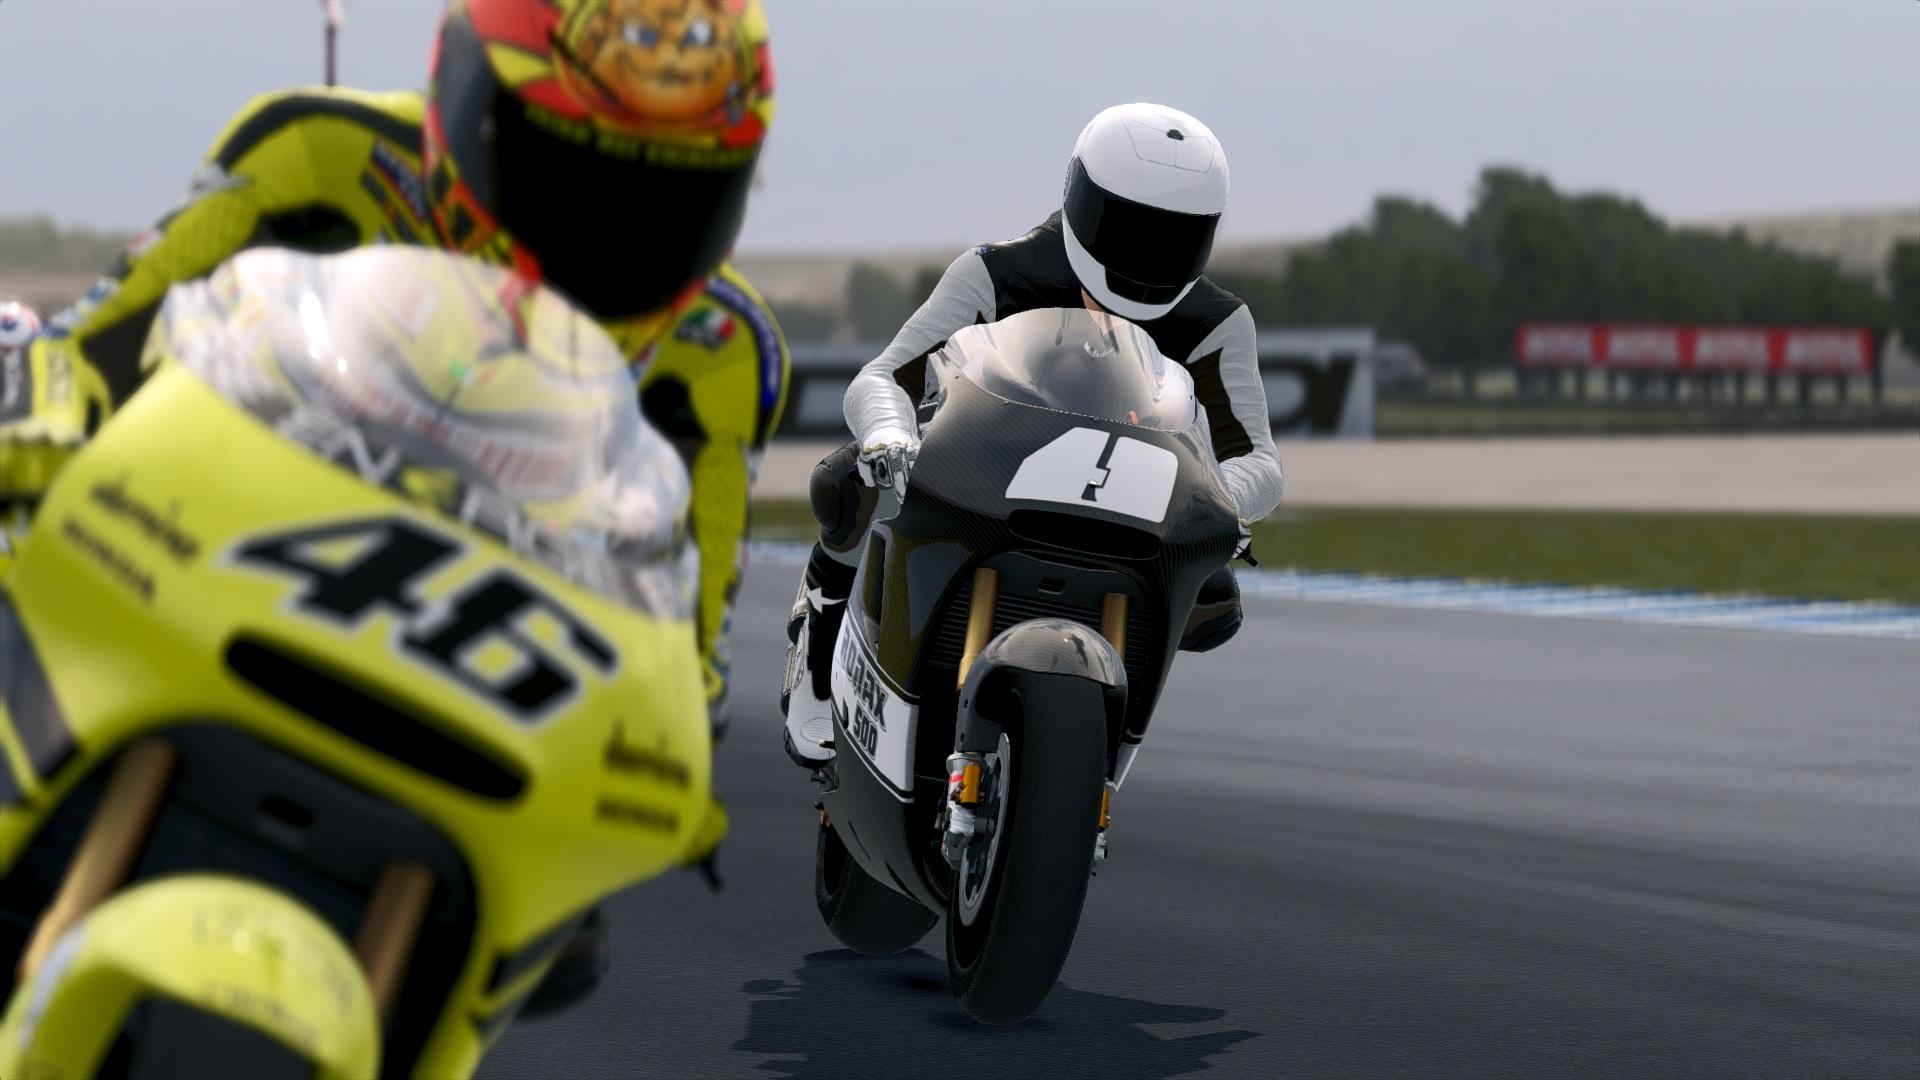 MotoGP14X64.exe_DX11_20140827_124044.jpg